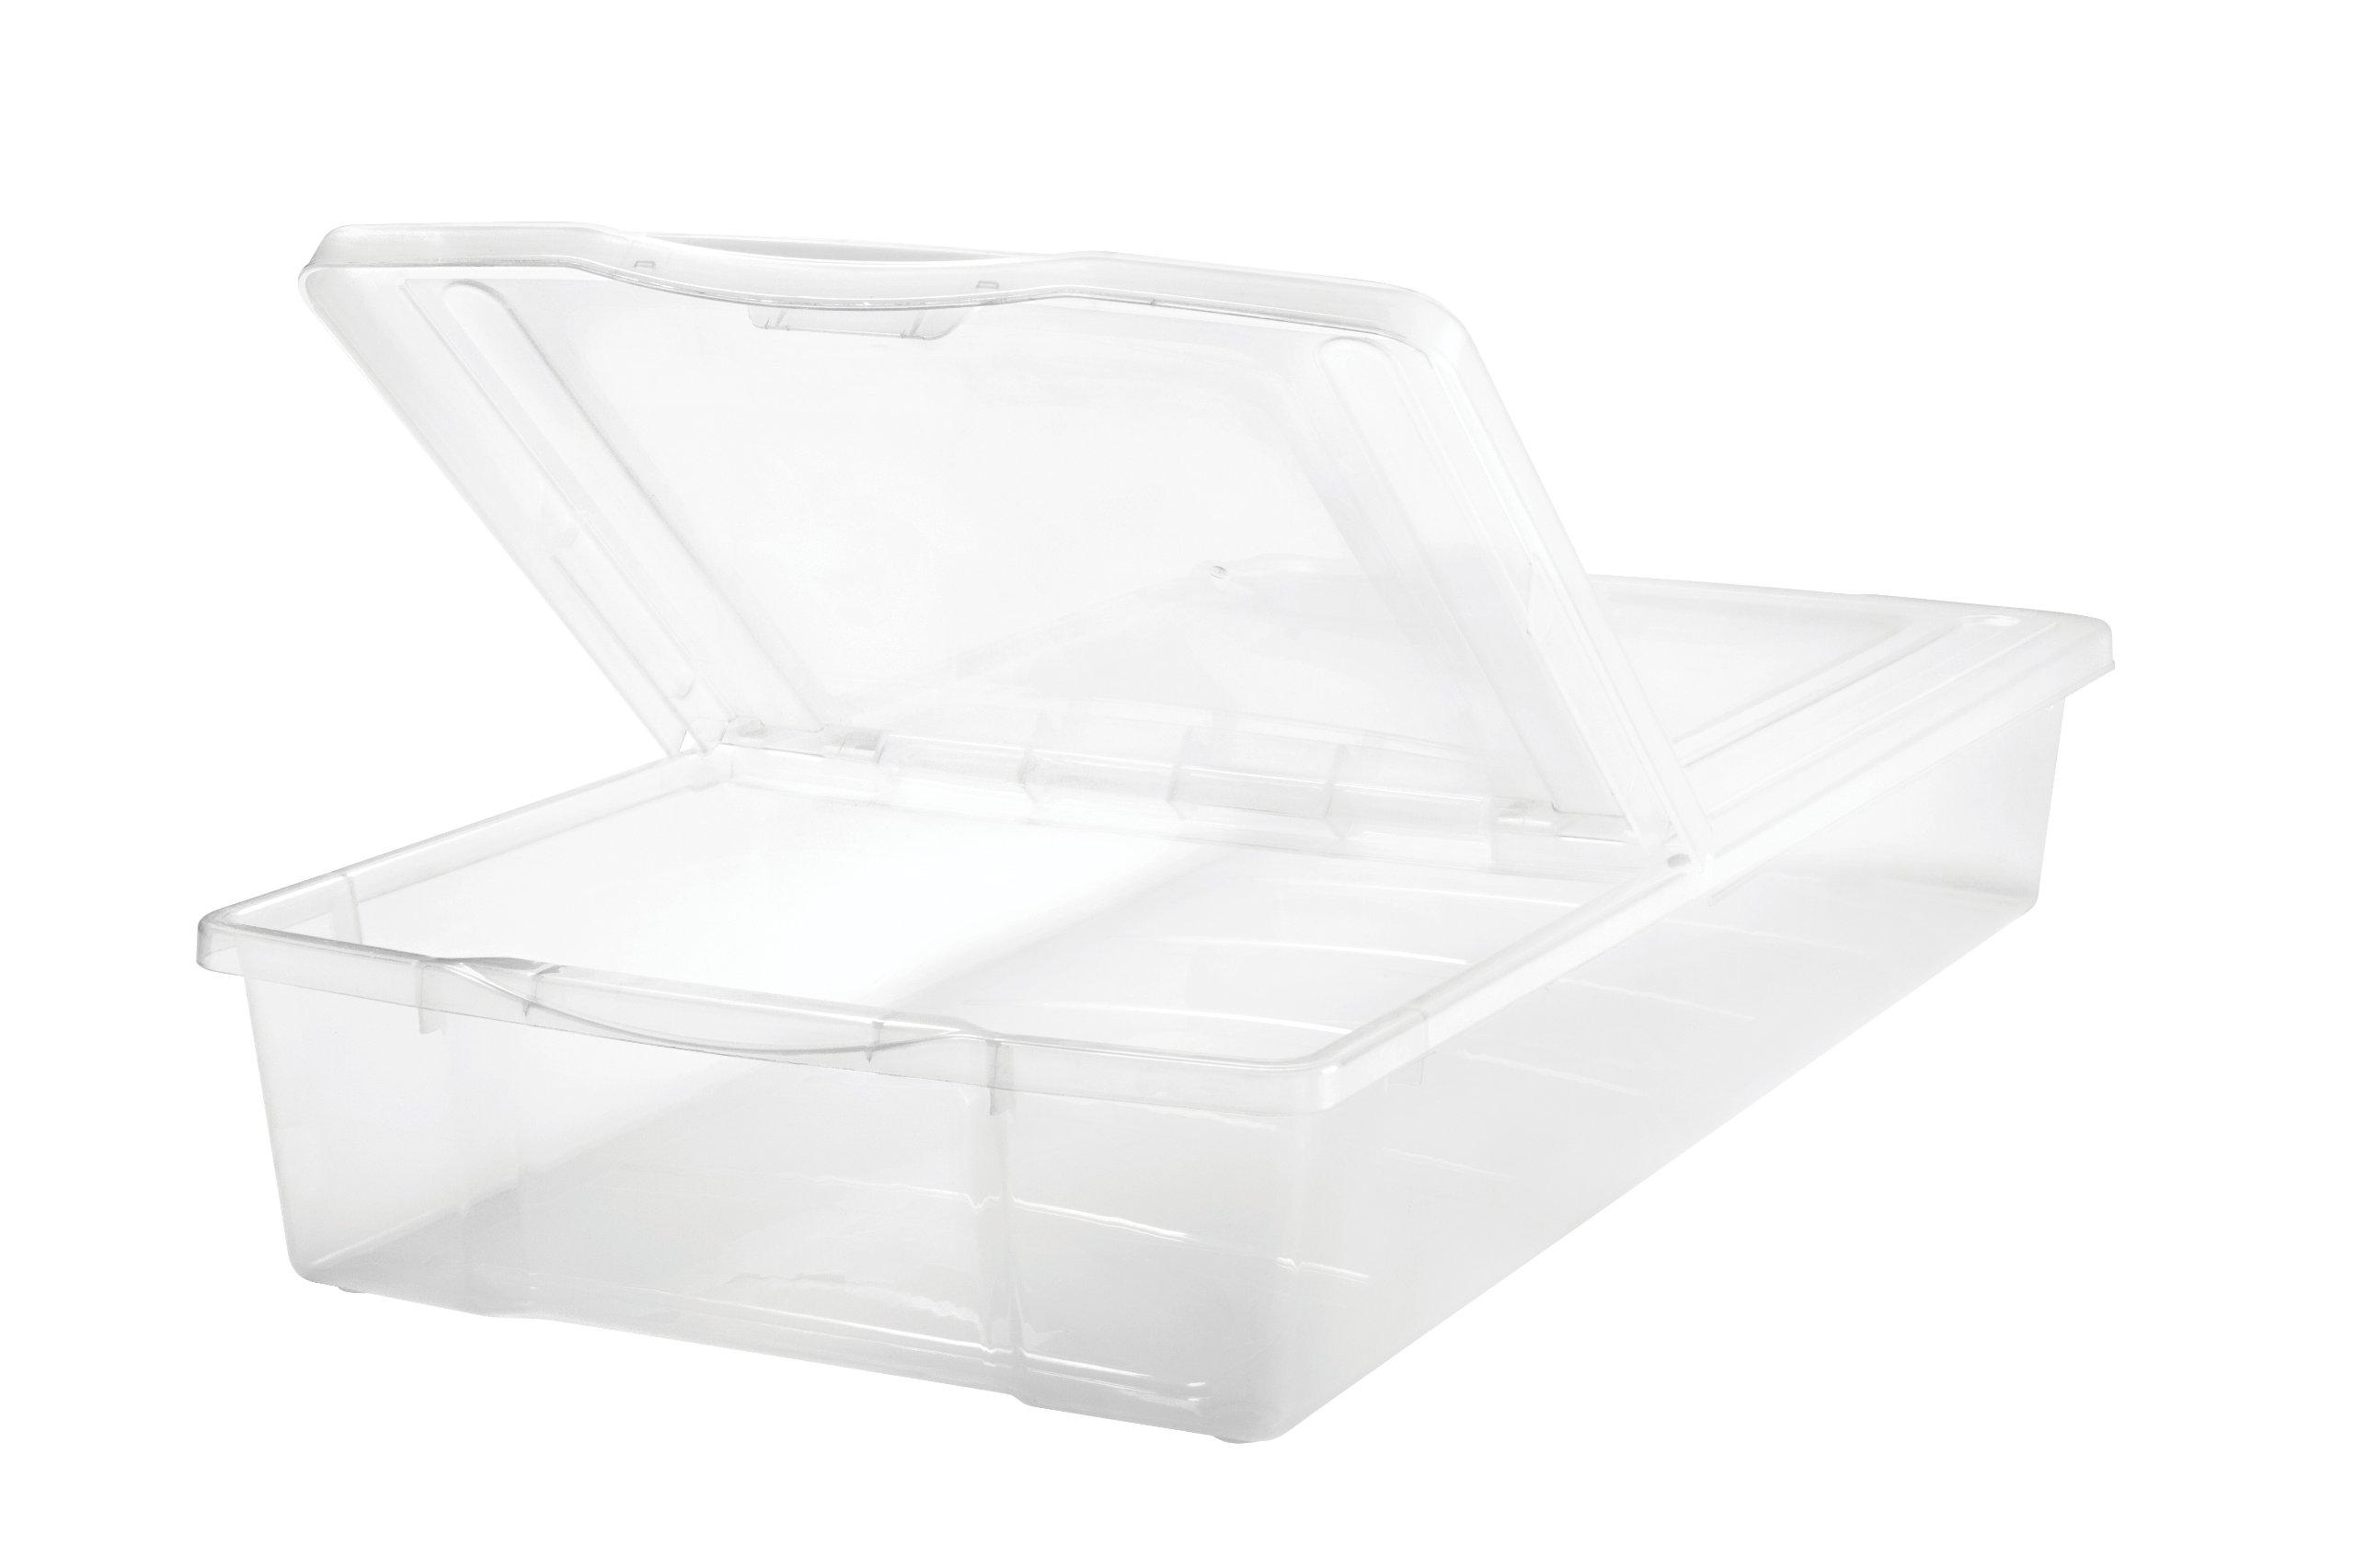 IRIS 58 Quart Split-Lid Underbed Box,1 Pack of 5 pieces